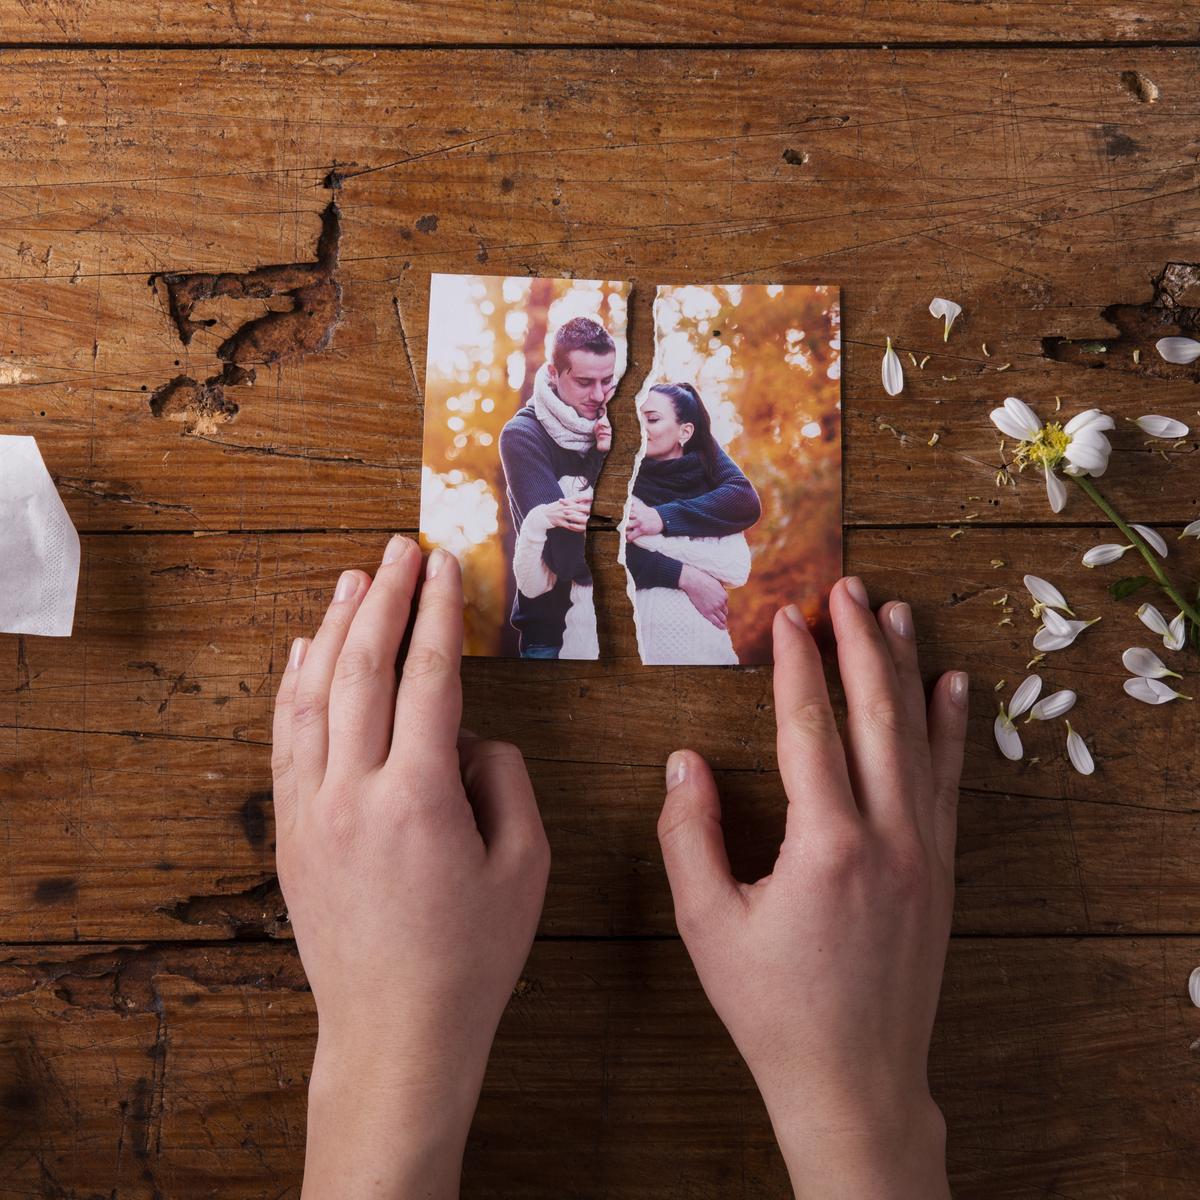 やきもちって結局何?やきもちの特徴とやきもちを妬くポイント紹介!のサムネイル画像